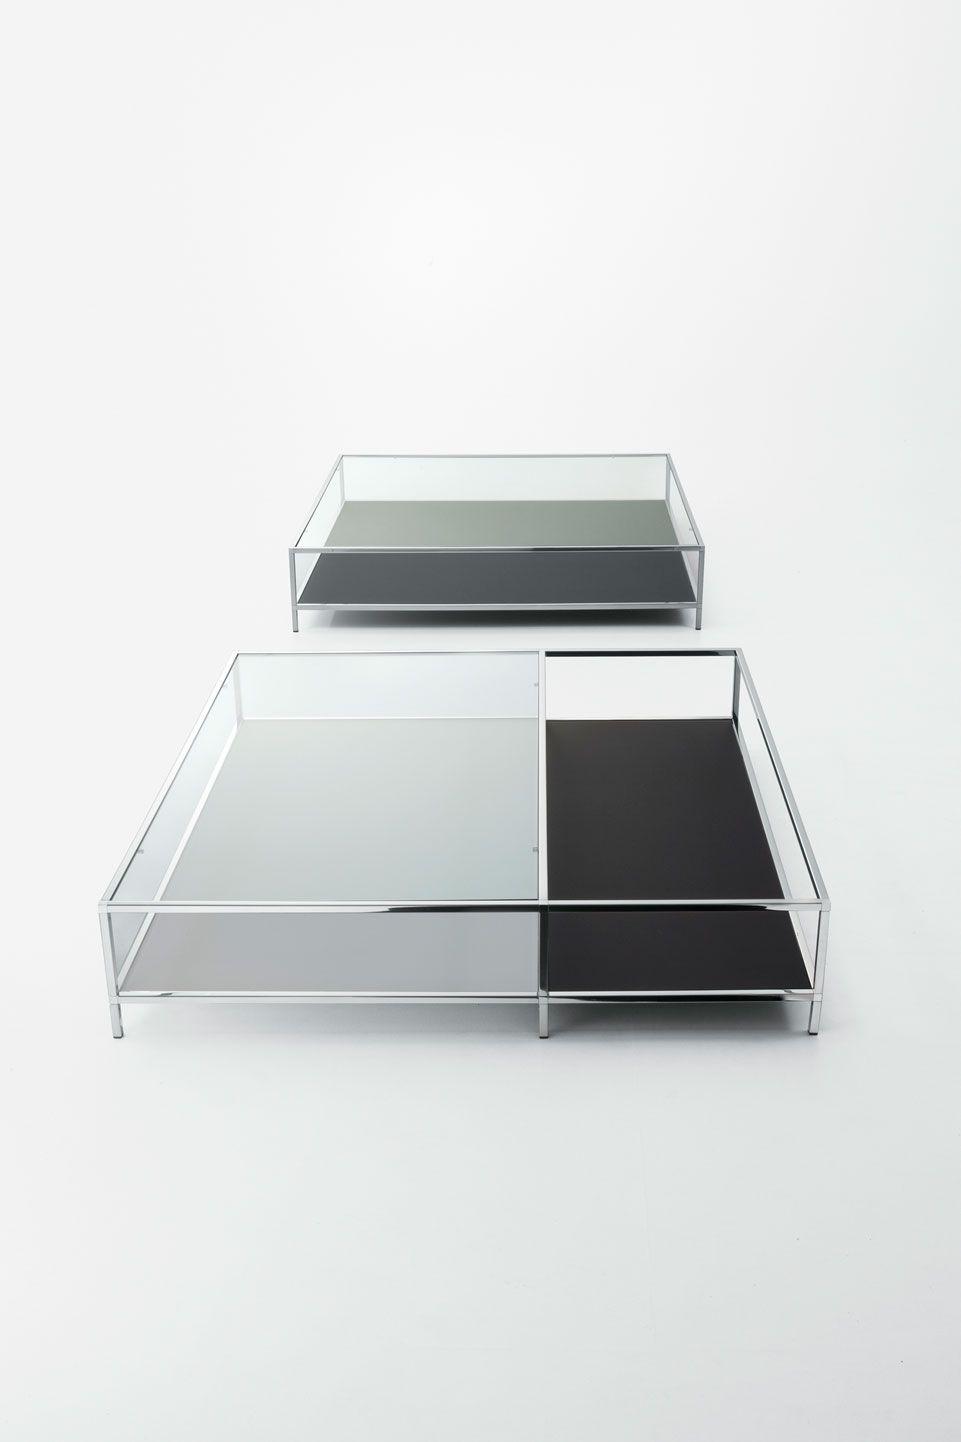 Moderner Couchtisch Glas Edelstahl Rechteckig Faraday By